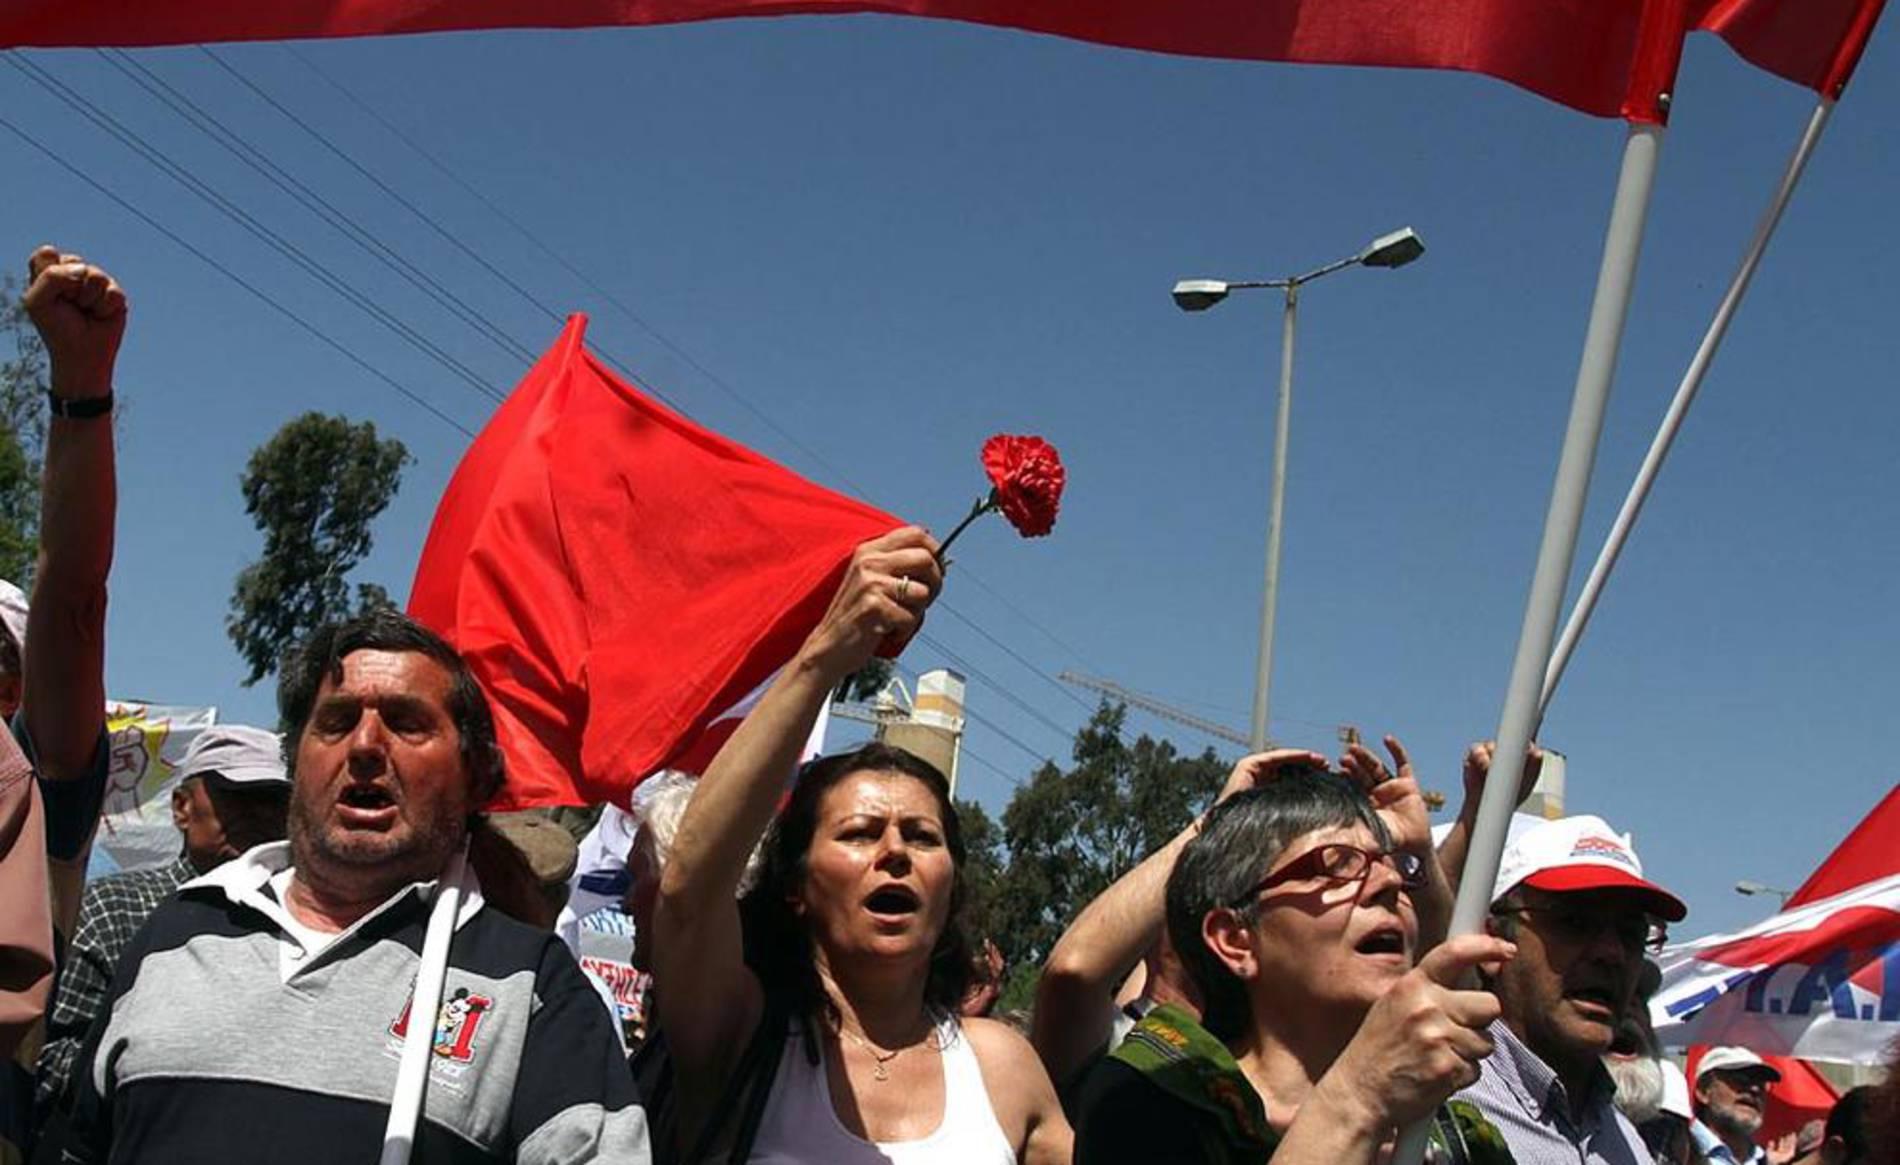 El Día del Trabajador, en el mundo (1/22) - Varias imágenes de las concentraciones del 1 de mayo en distintos países - Internacional -